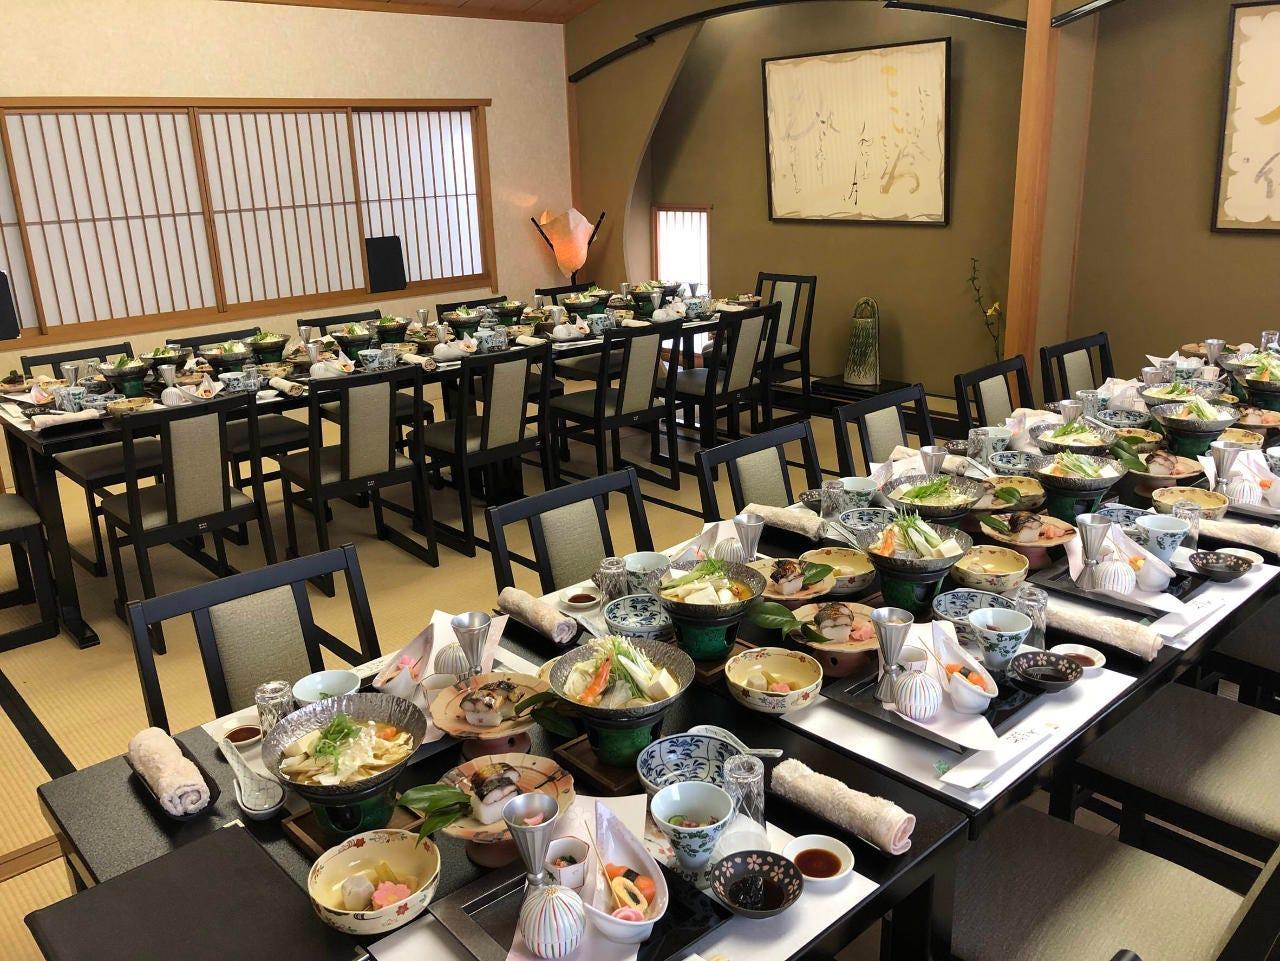 テーブル席・完全個室(壁・扉あり)・10名様~40名様